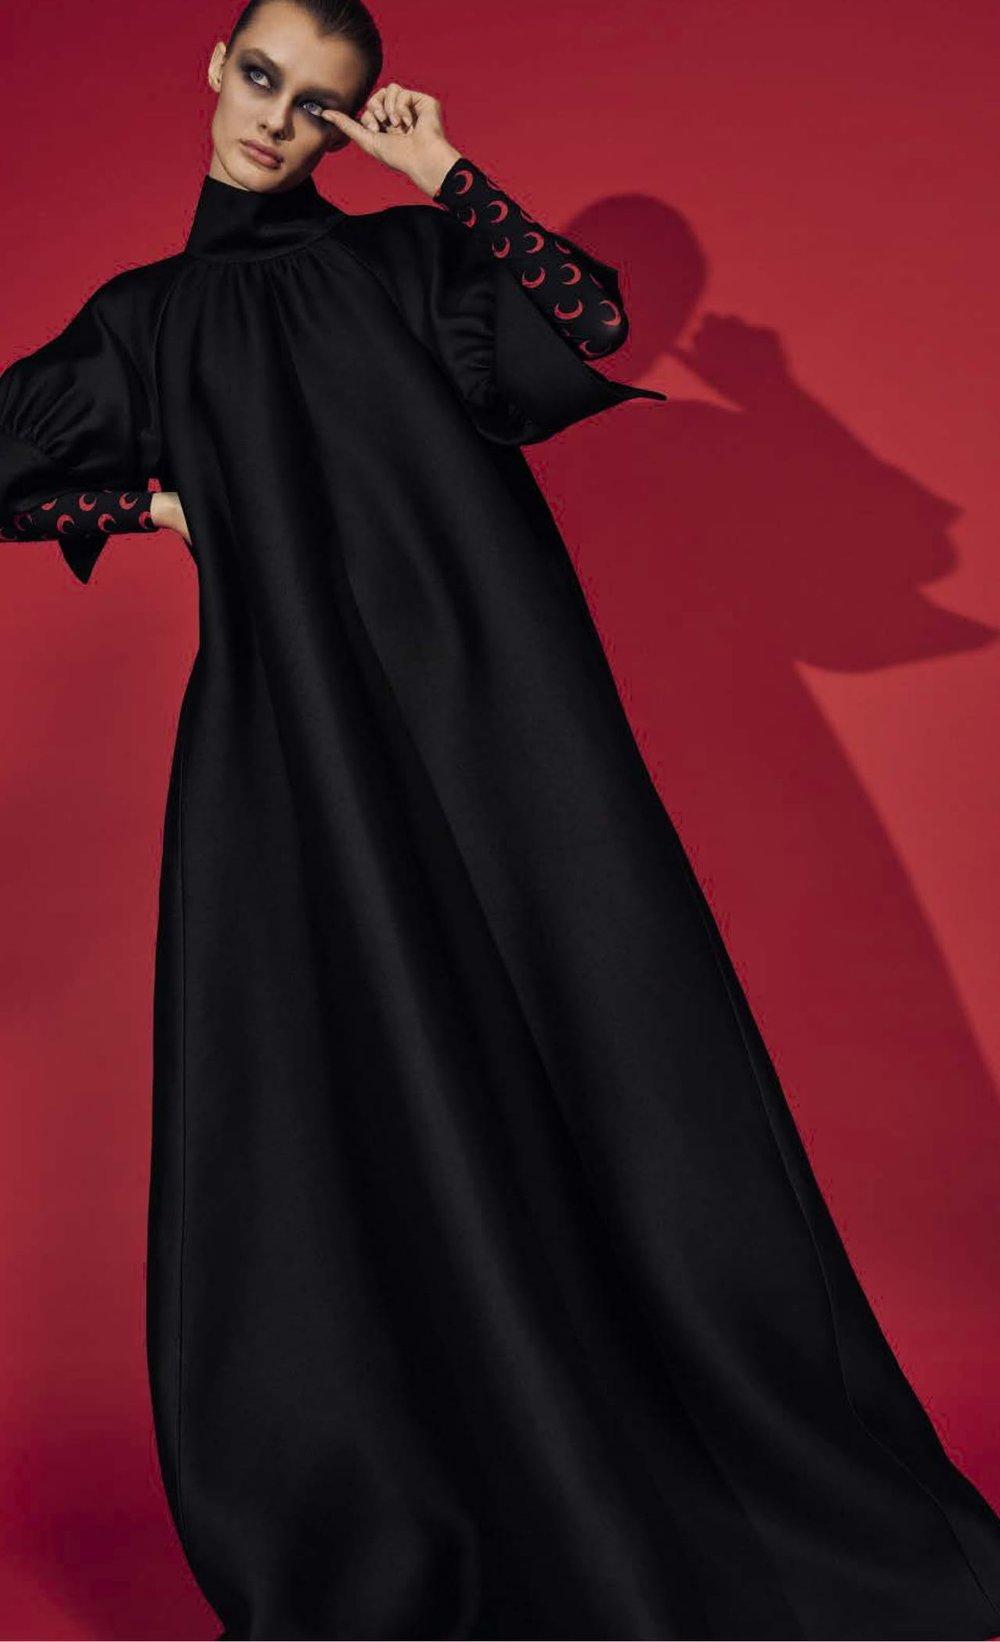 Kris Grikaite, Anok Yai by Collier Schorr Vogue Italy (11).jpg